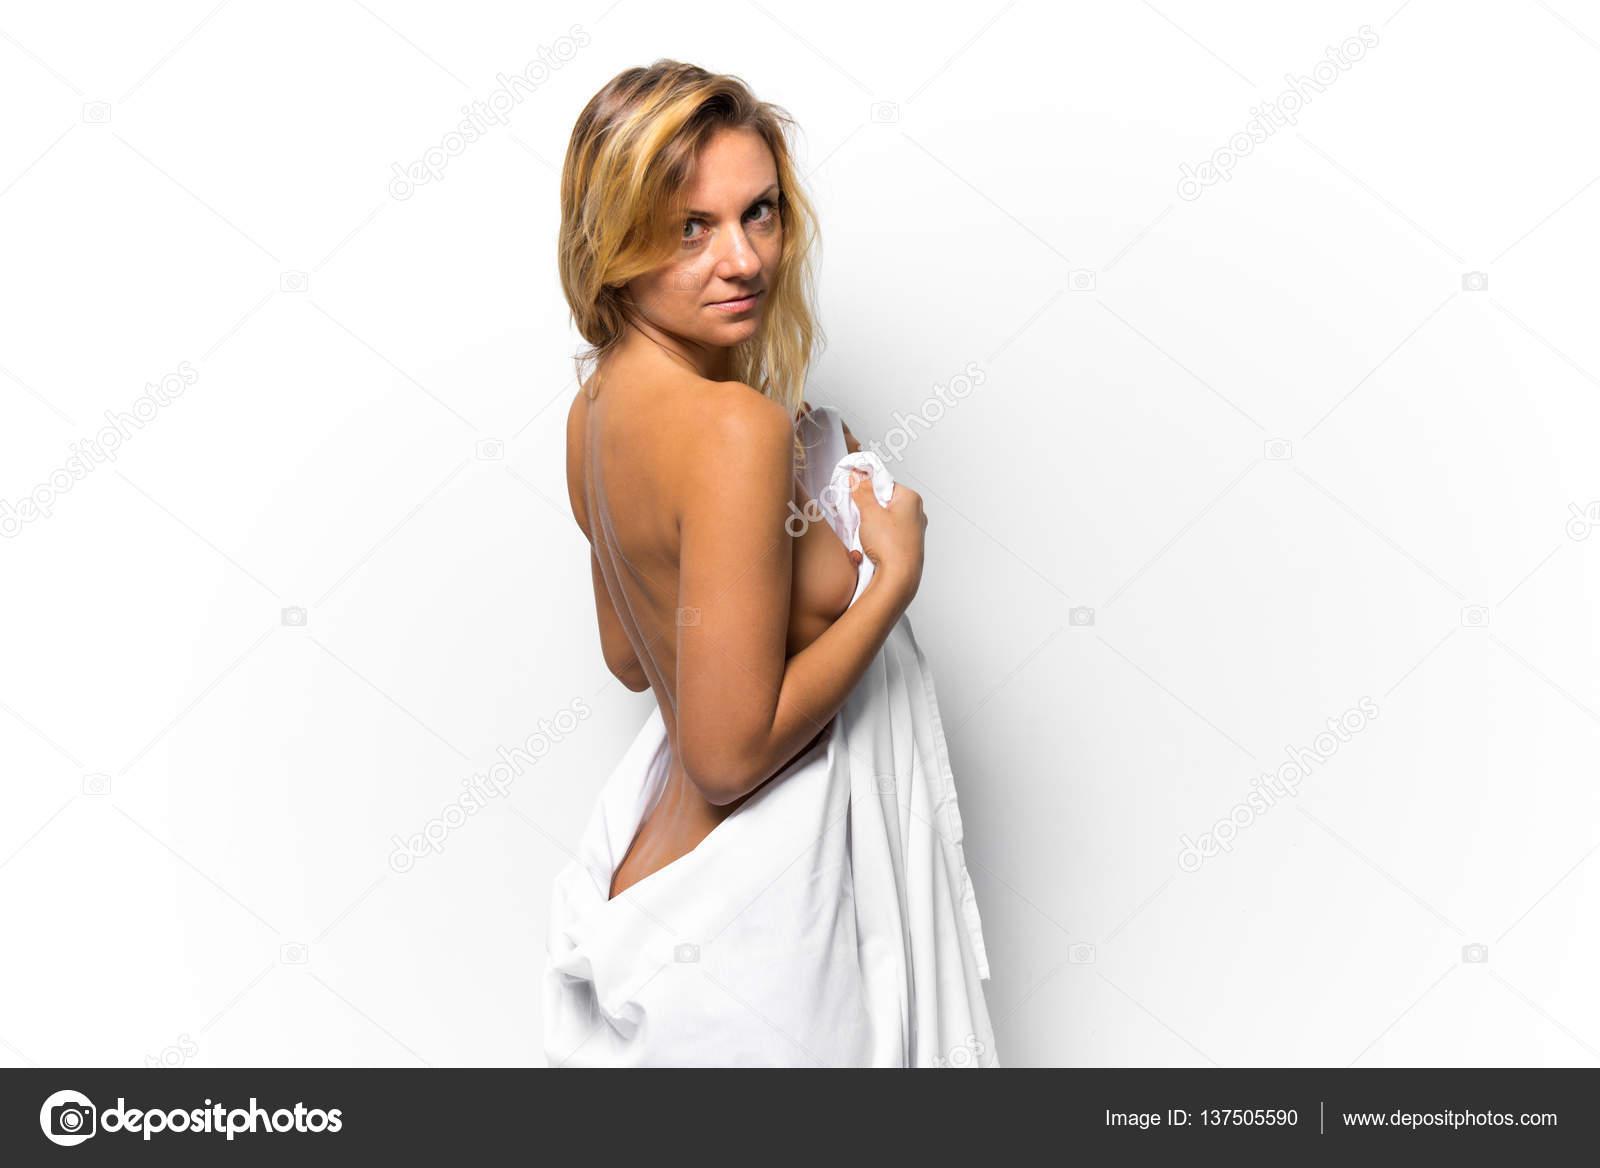 ξανθιά έφηβος γυμνό φωτογραφίεςη μαμά κάνει το γιο να κάνει σεξ